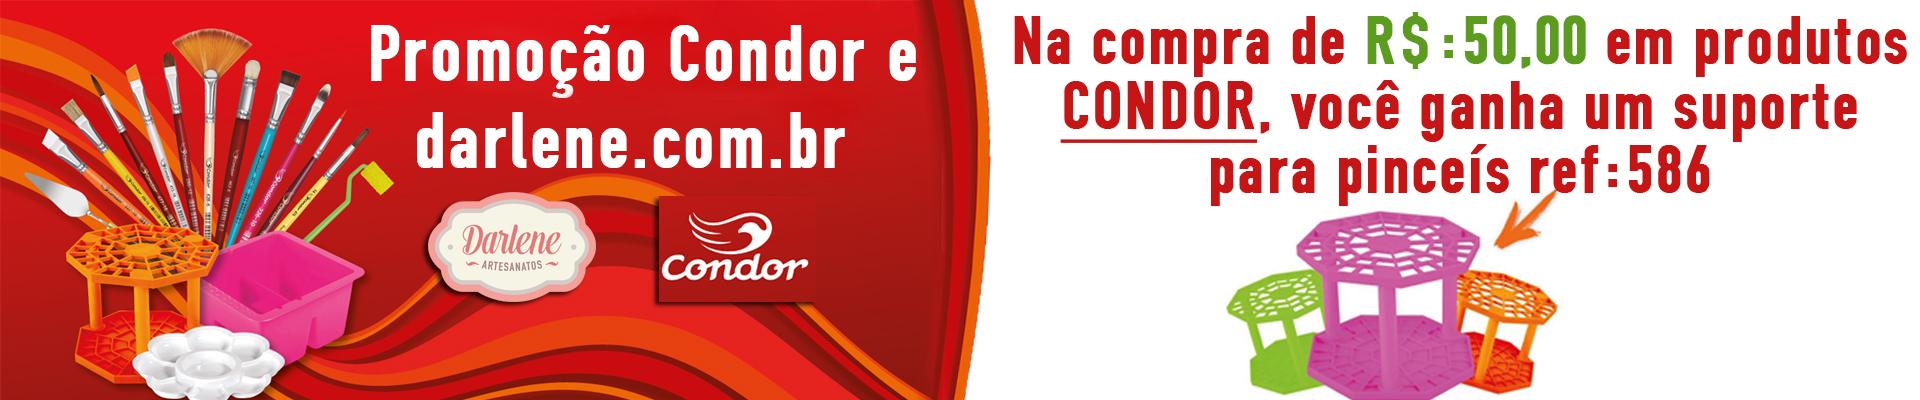 PROMOÇÃO CONDOR